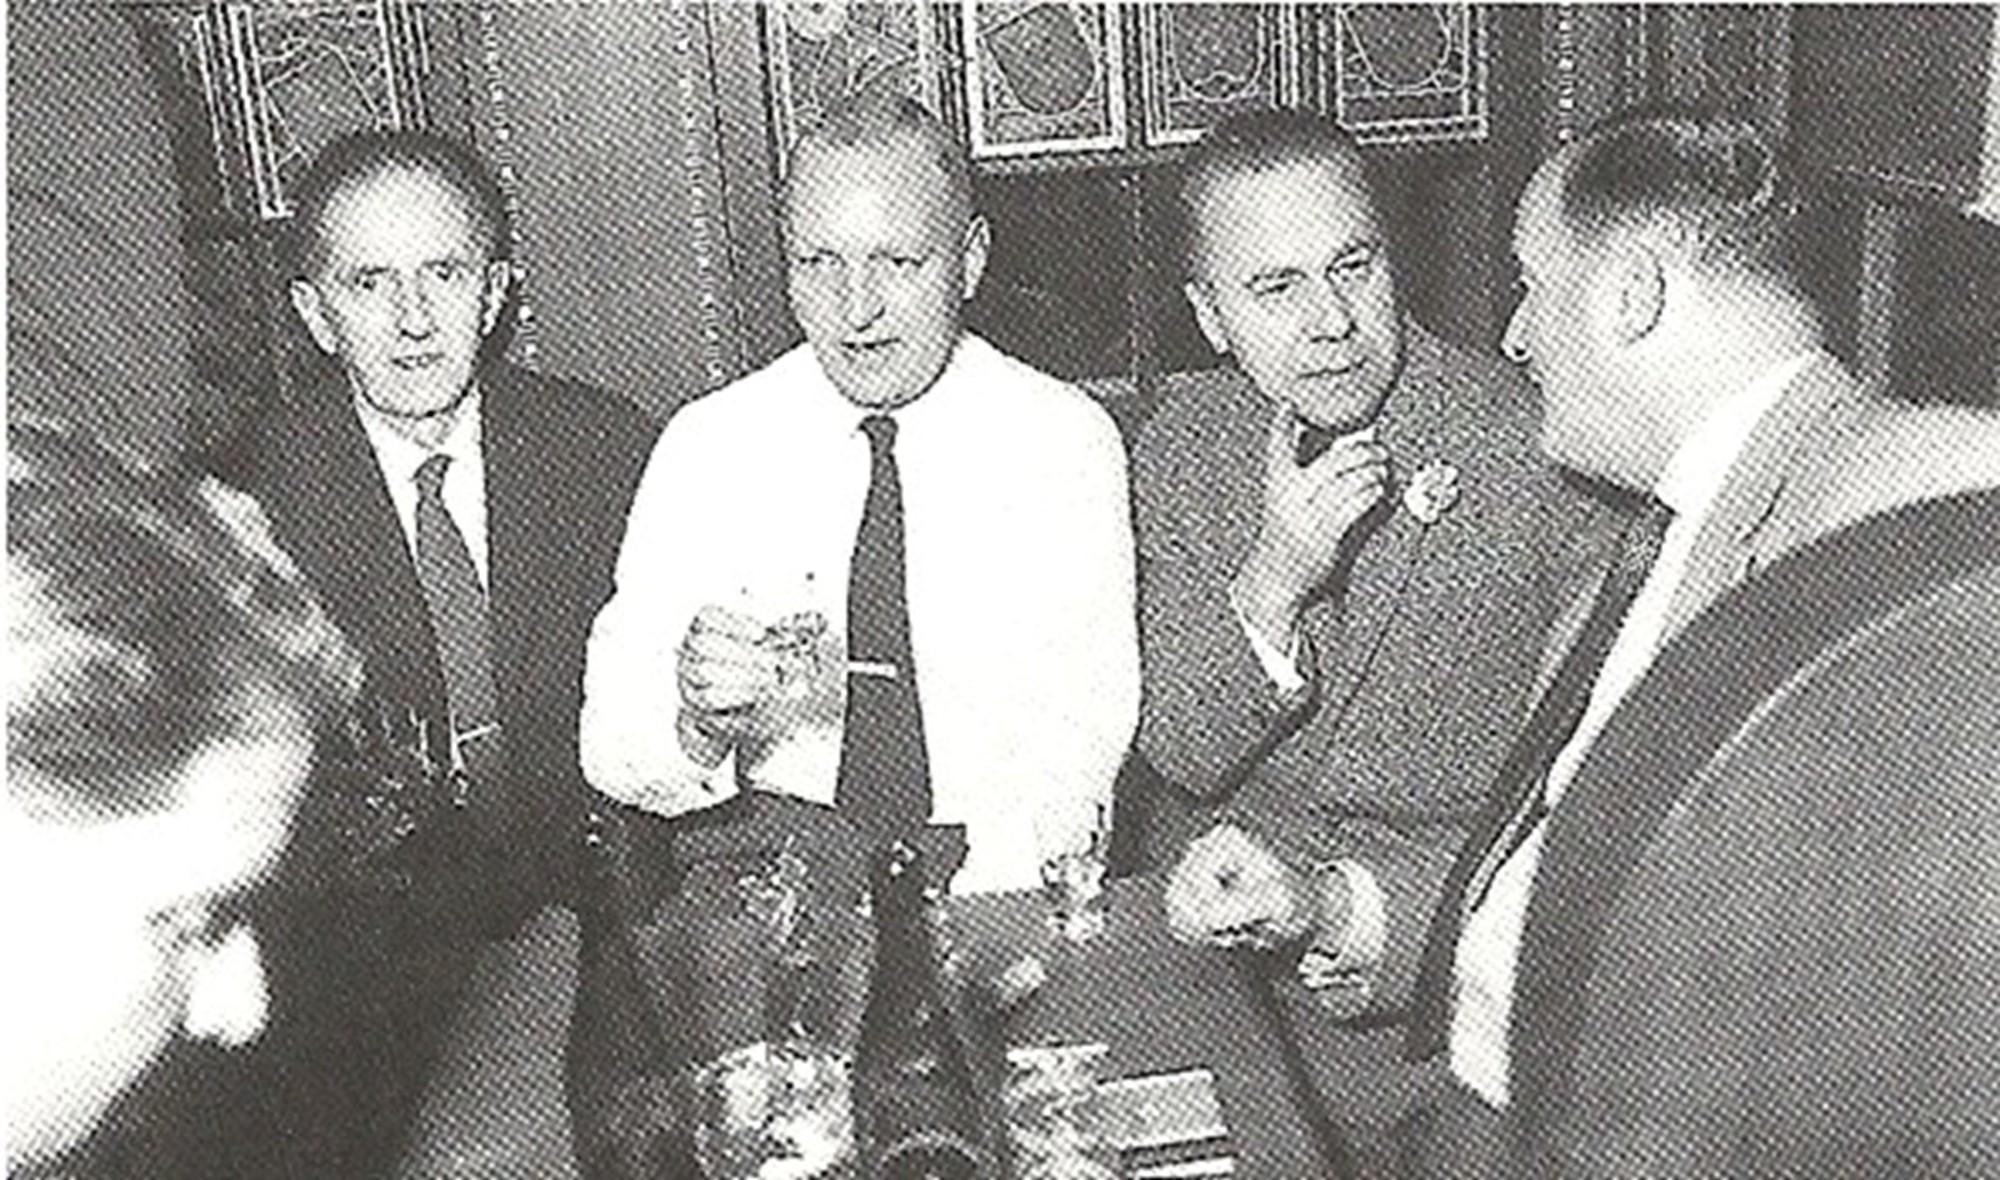 m Türmli v.l. Werner Geissberger, Ernst Disler, Peter Thurneysen, Hartmann F. Ammann,  Dr. Erich Schmitt